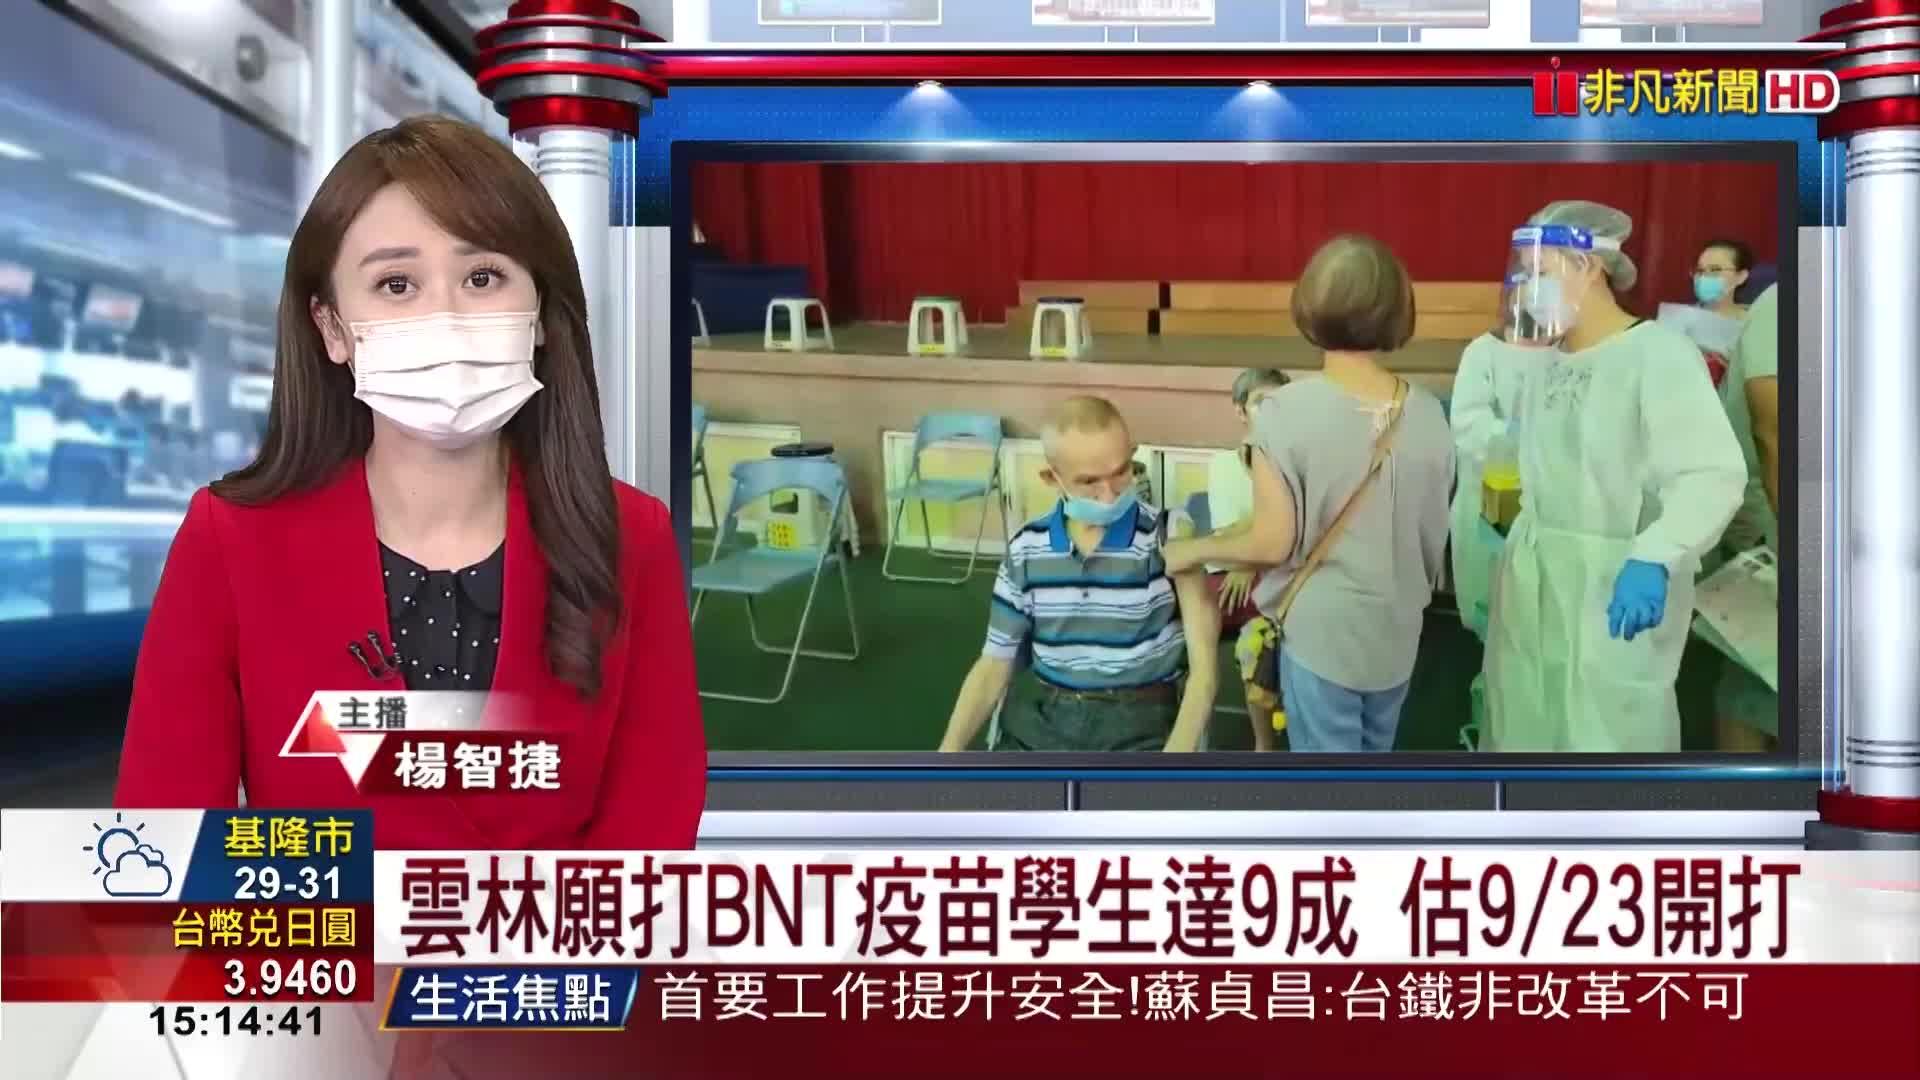 雲林願打BNT疫苗學生達9成 估9/23開打